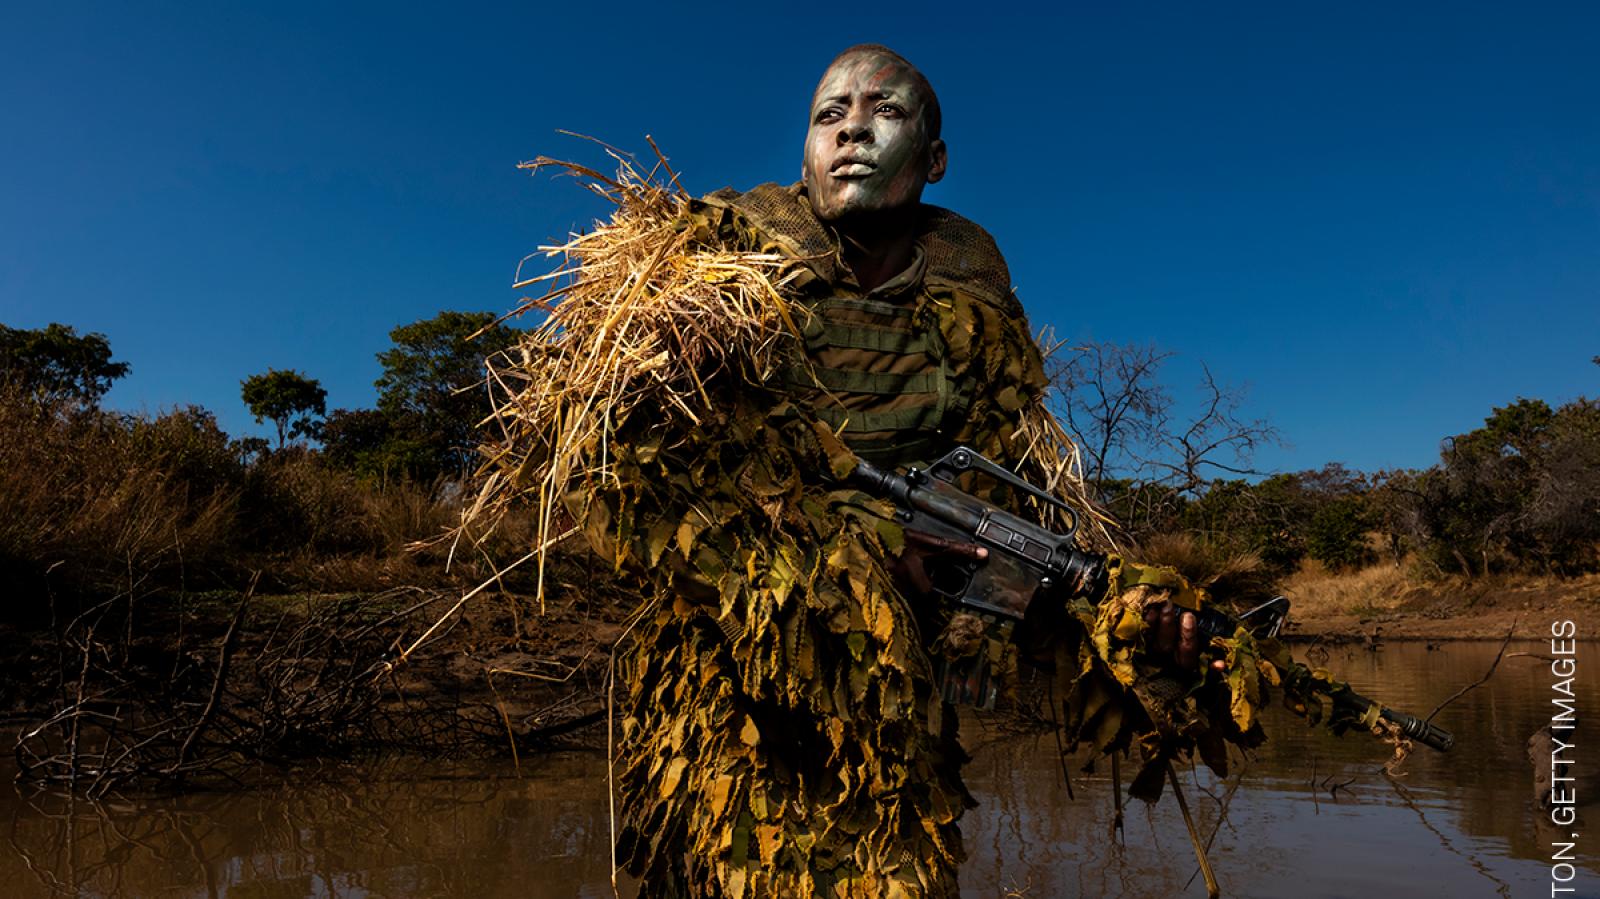 Nominace na World Press Photo 2019 v kategorii Životní prostředí